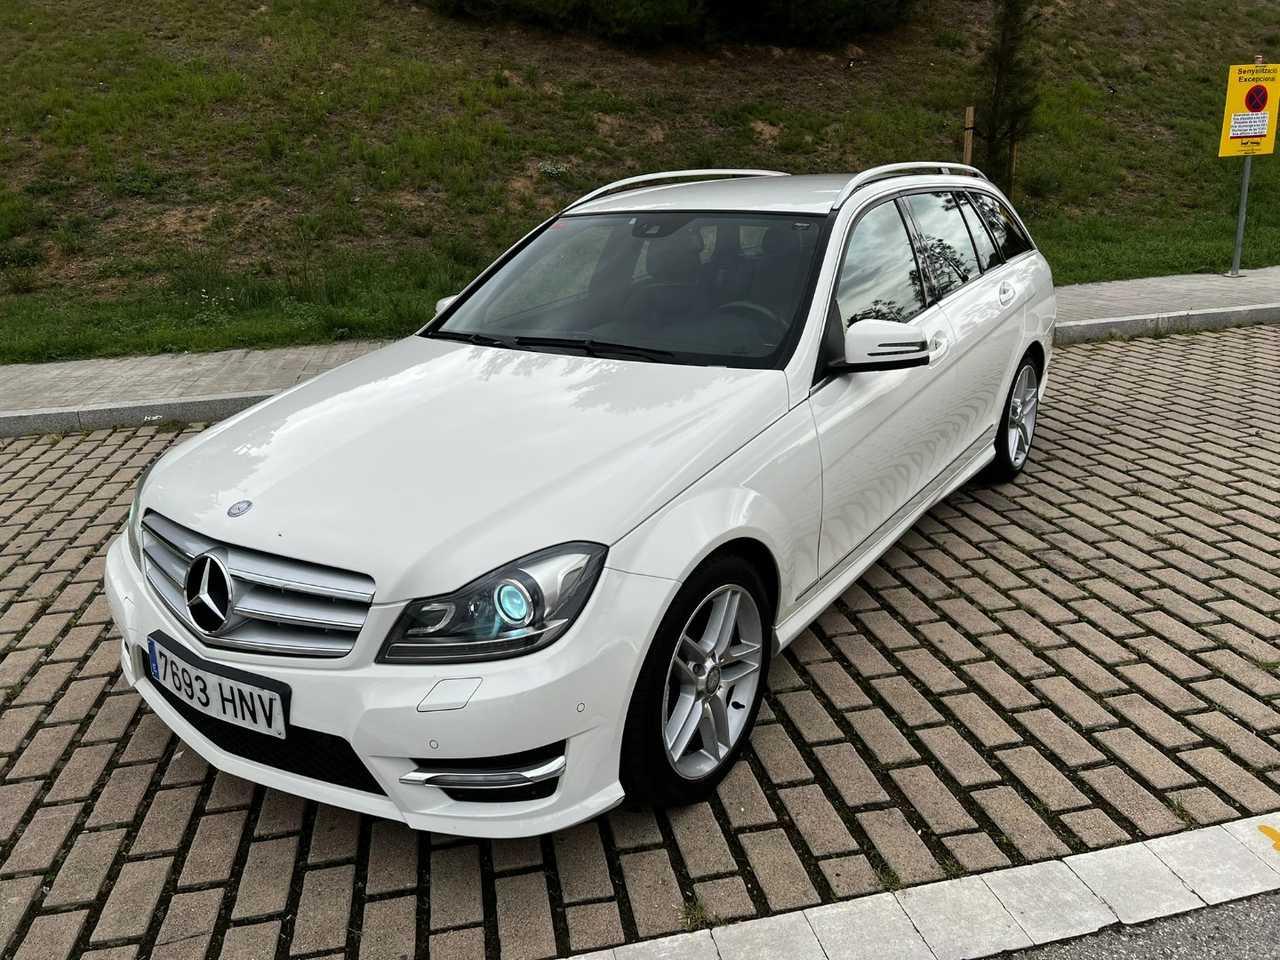 Mercedes Clase C ESTATE 220 CDI AMG MANUAL 170CV   - Foto 1